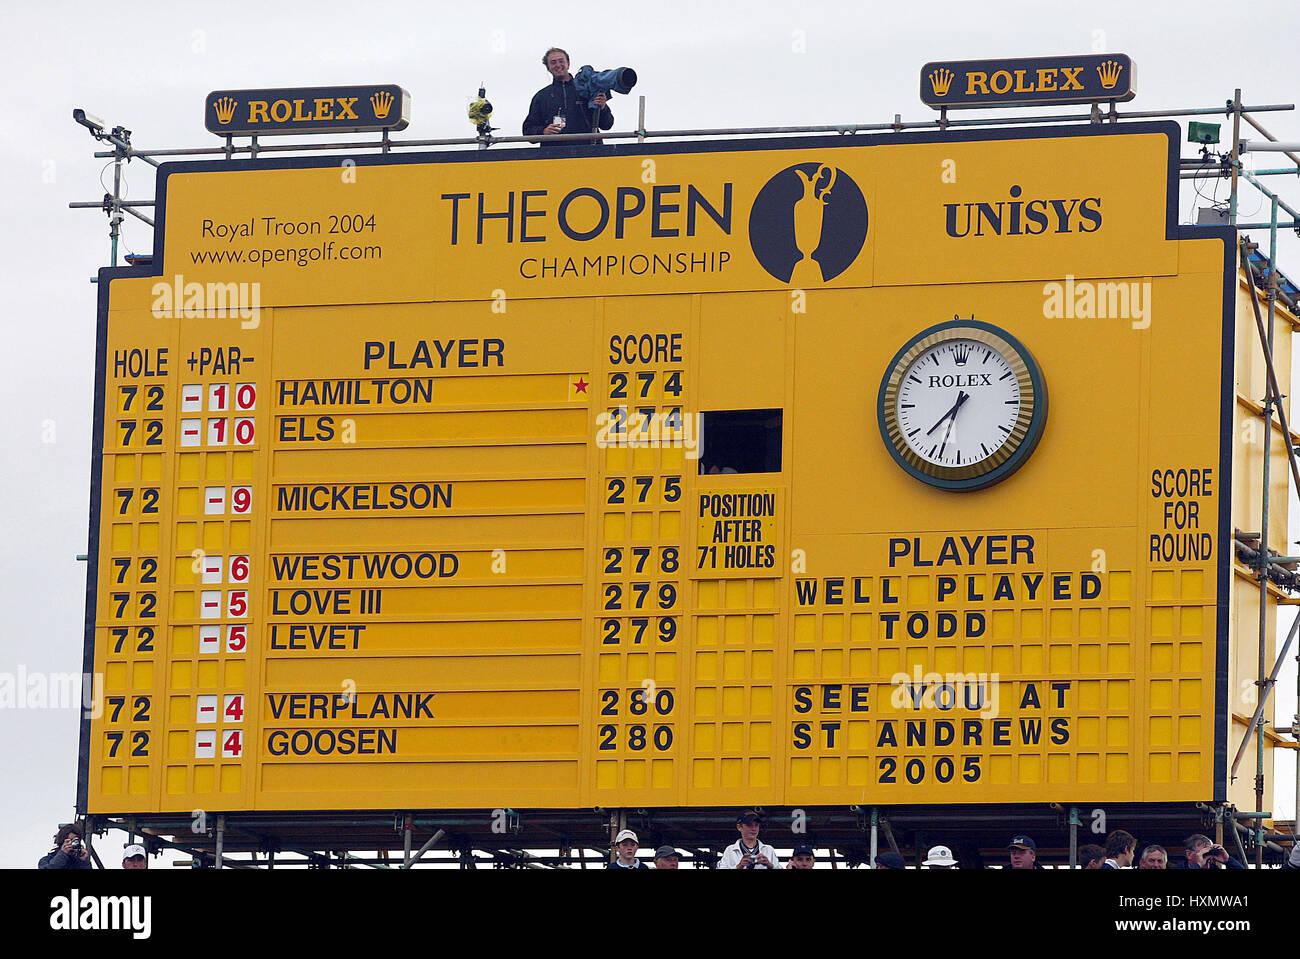 open scoreboard open championship scoreboard royal troon